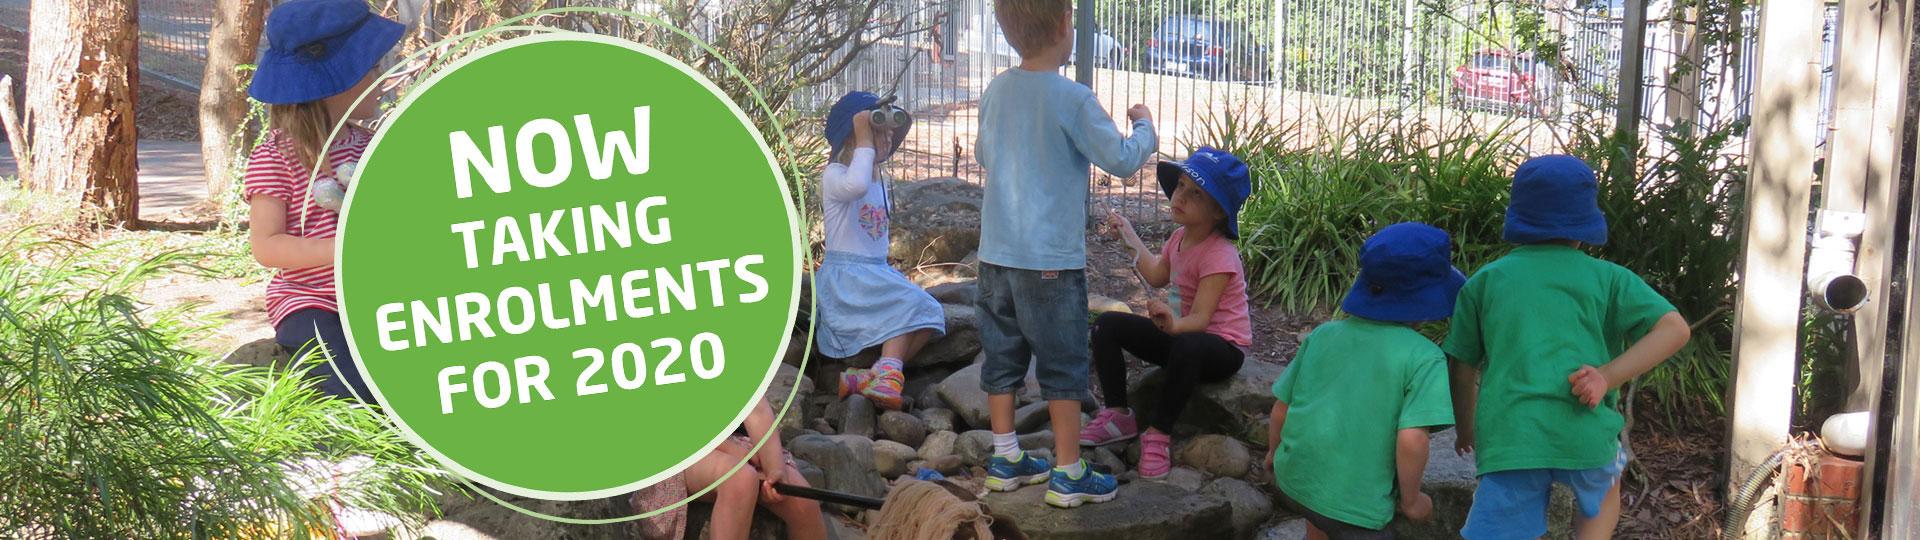 enrolments park orchards 2020